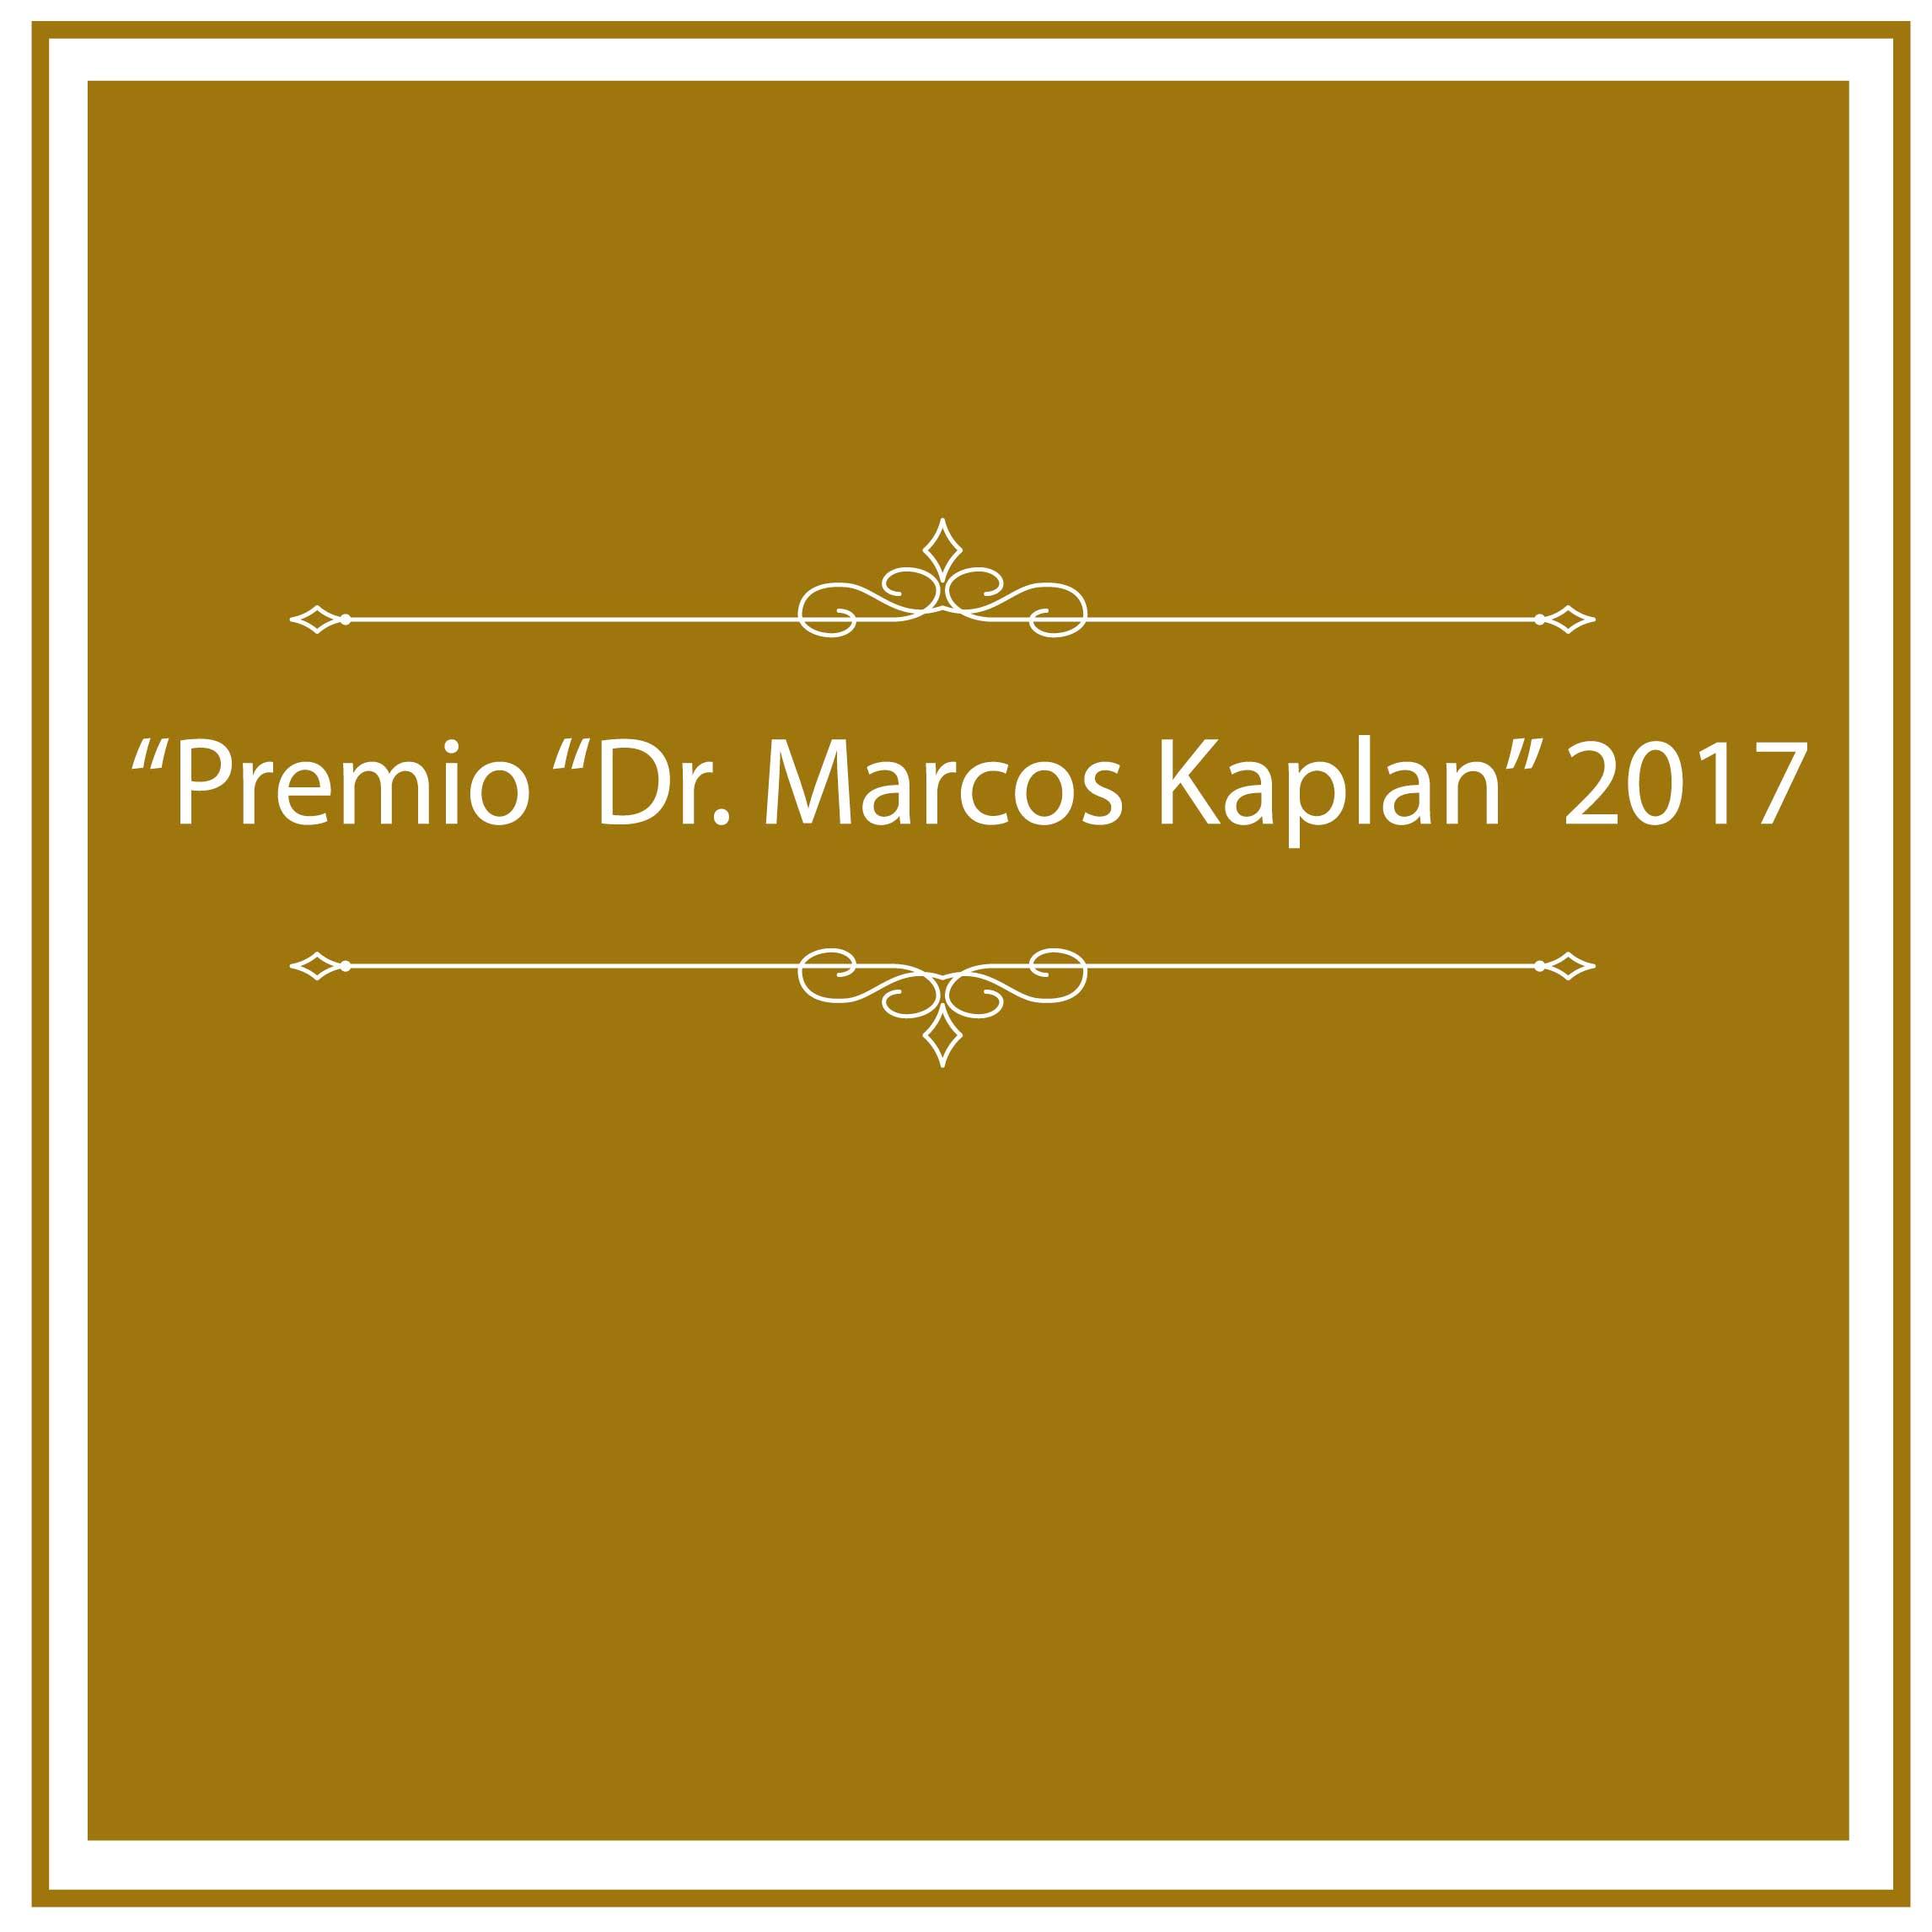 Entrega del Premio Marcos Kaplan 2017